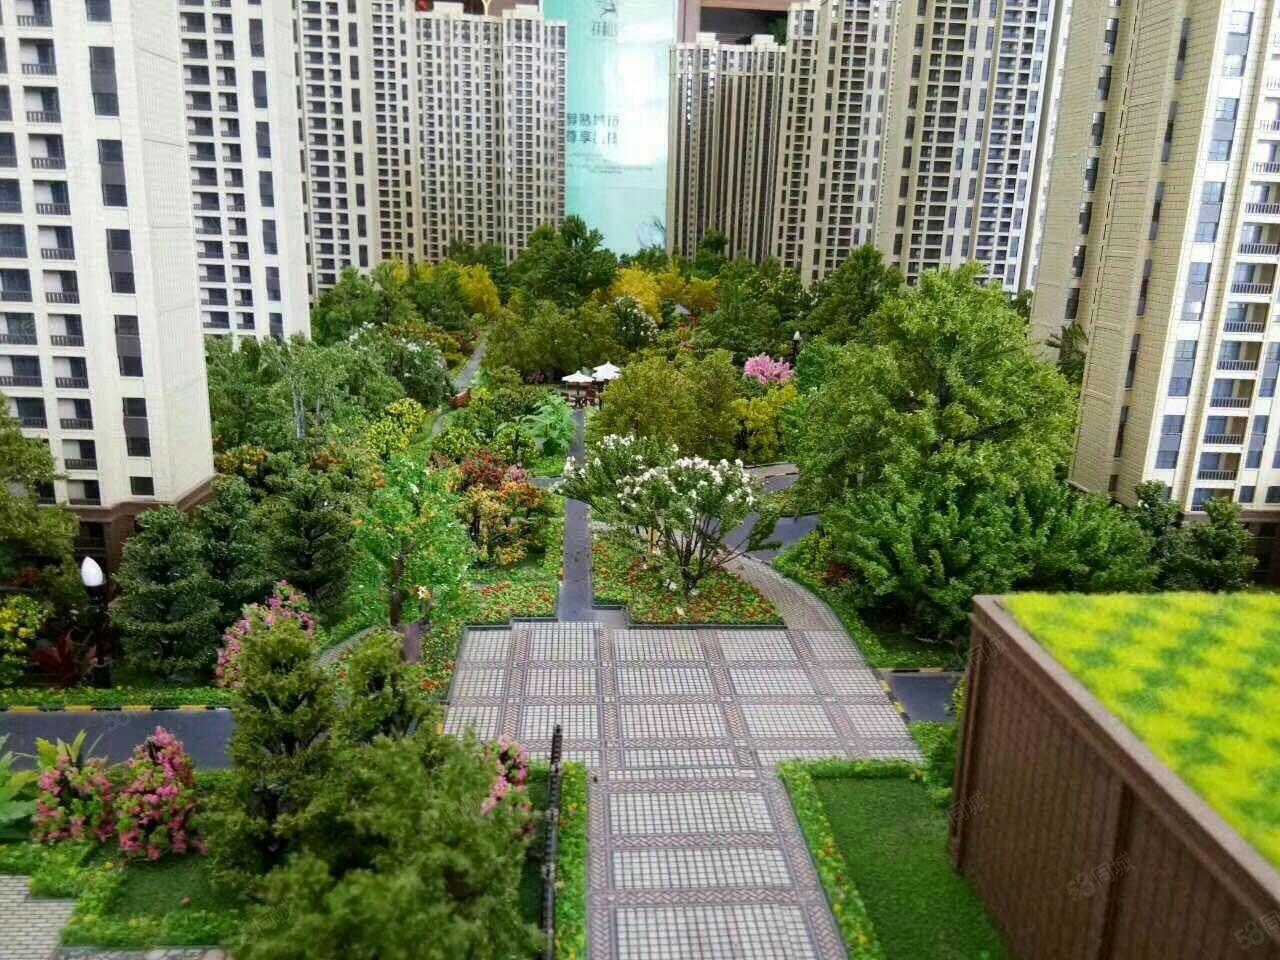 康桥悦城旁超高绿化住宅区首付13万订房